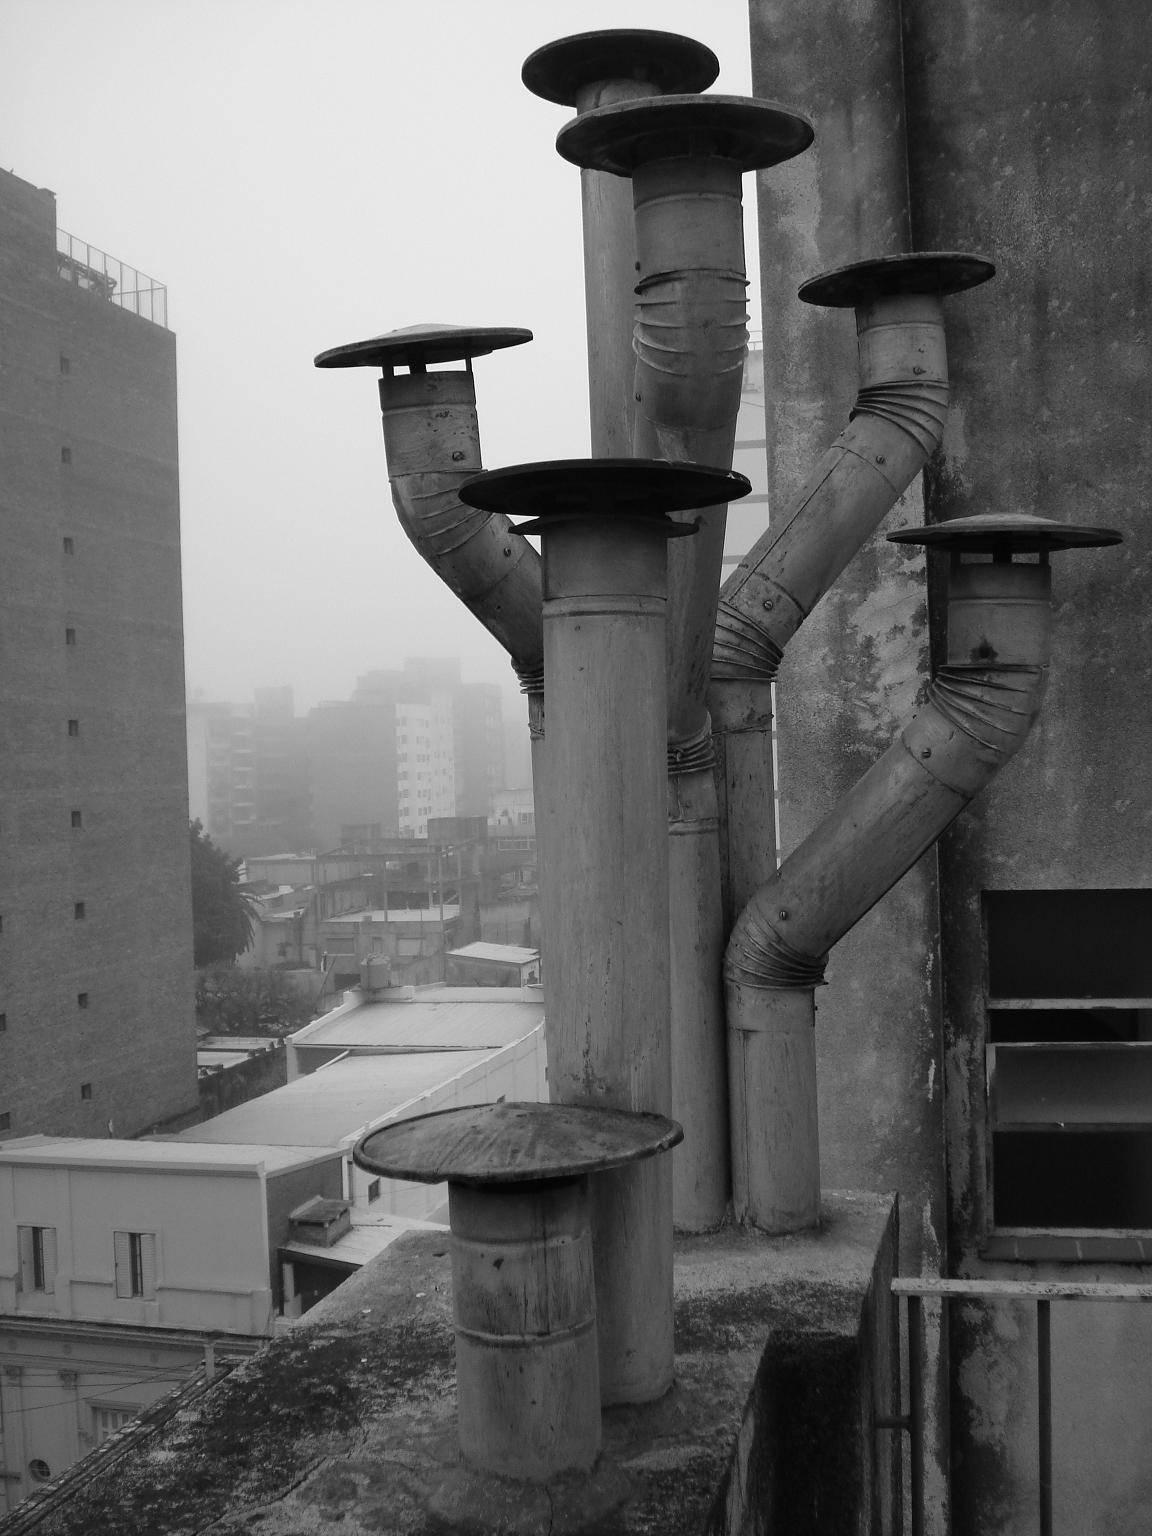 Fotos de Rosario en blanco y negro (fotos propias)